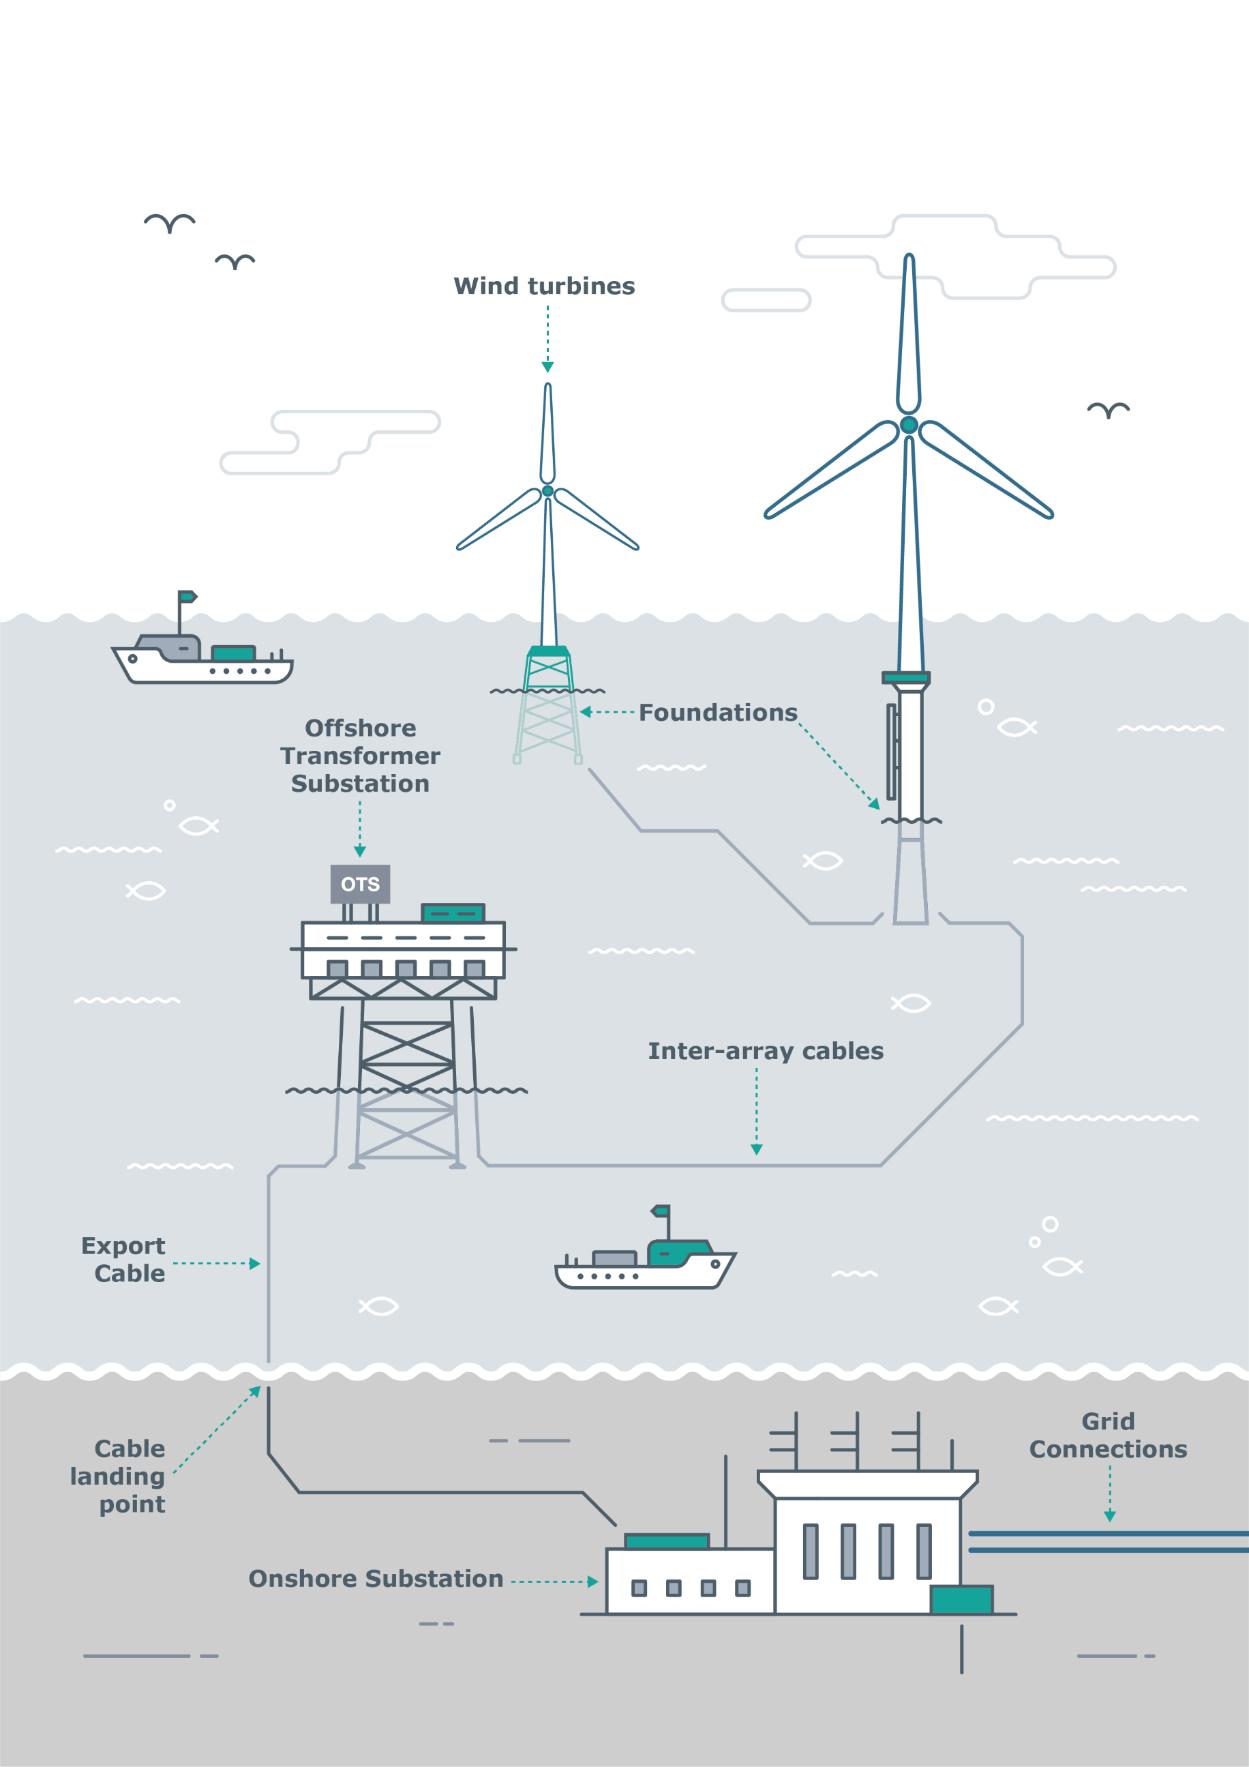 来自Cowi的风能项目图形